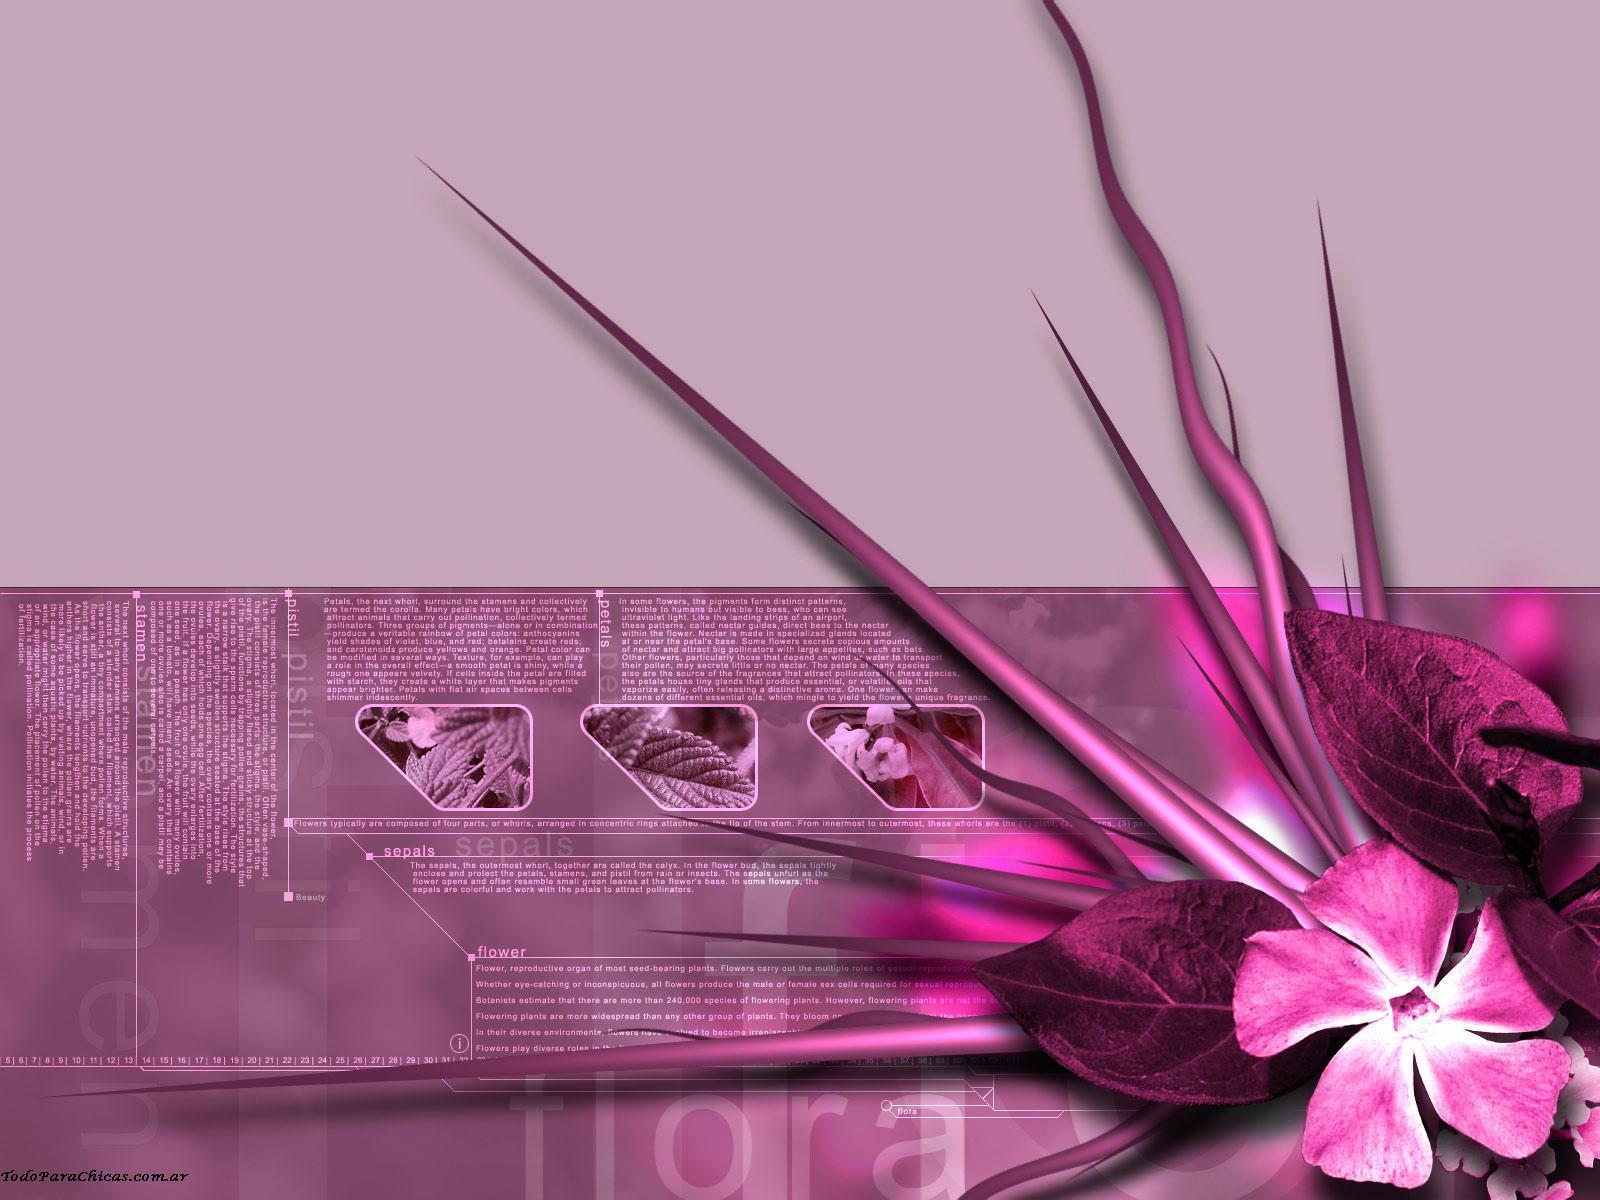 http://1.bp.blogspot.com/_UMxHrJN54AM/TGbvl1EBJDI/AAAAAAAAAdo/VDU_a4qXSzE/s1600/wallpaper+2.JPG